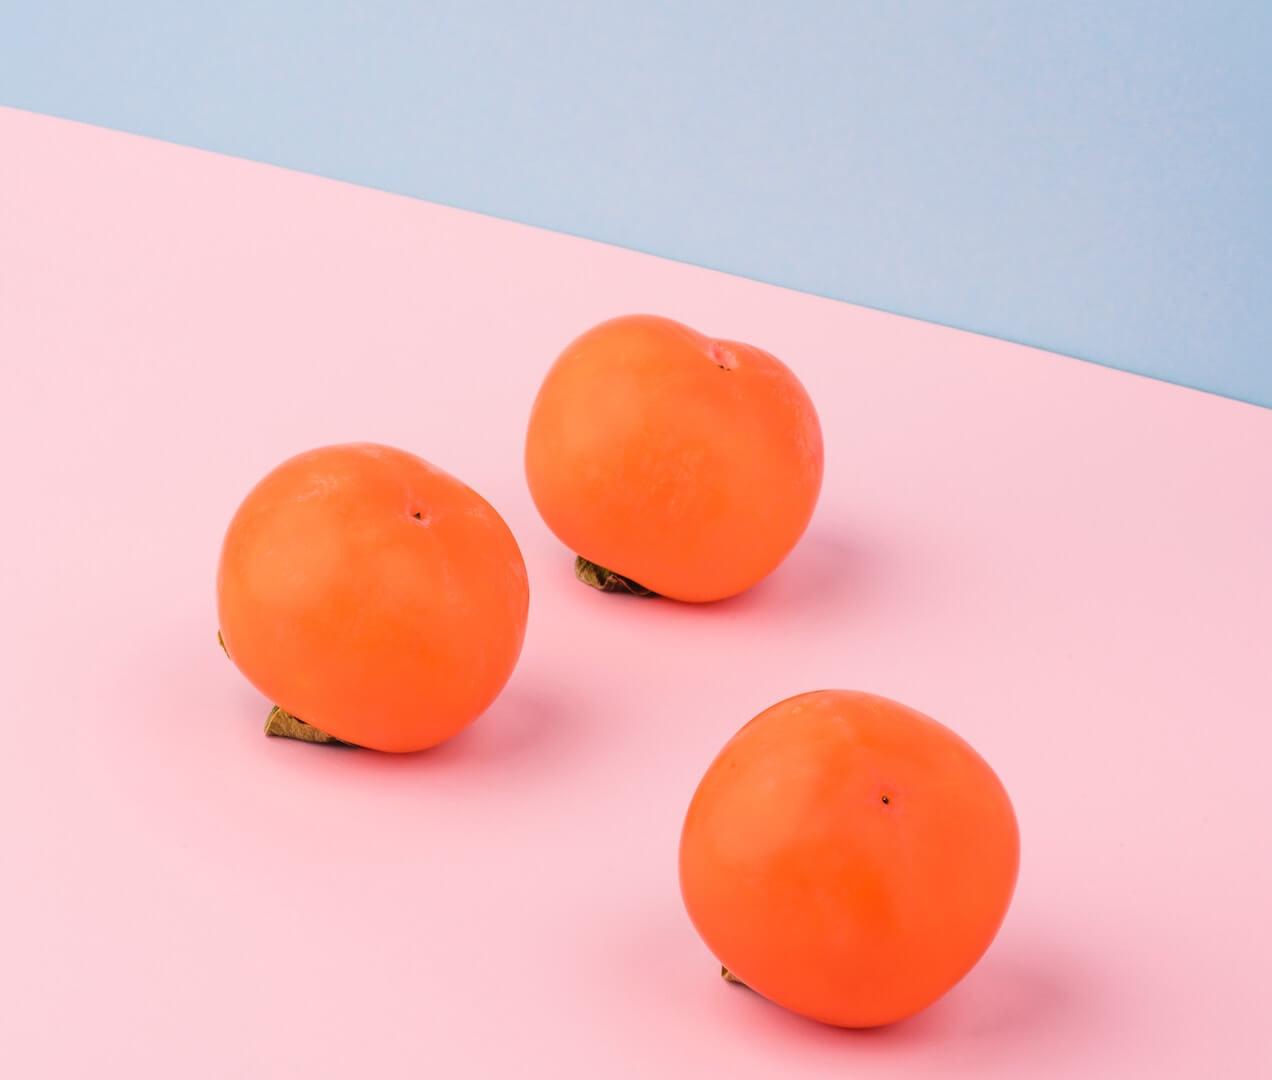 Aprikosen: Eisenmangel während der Periode, Eisenmangel Periode